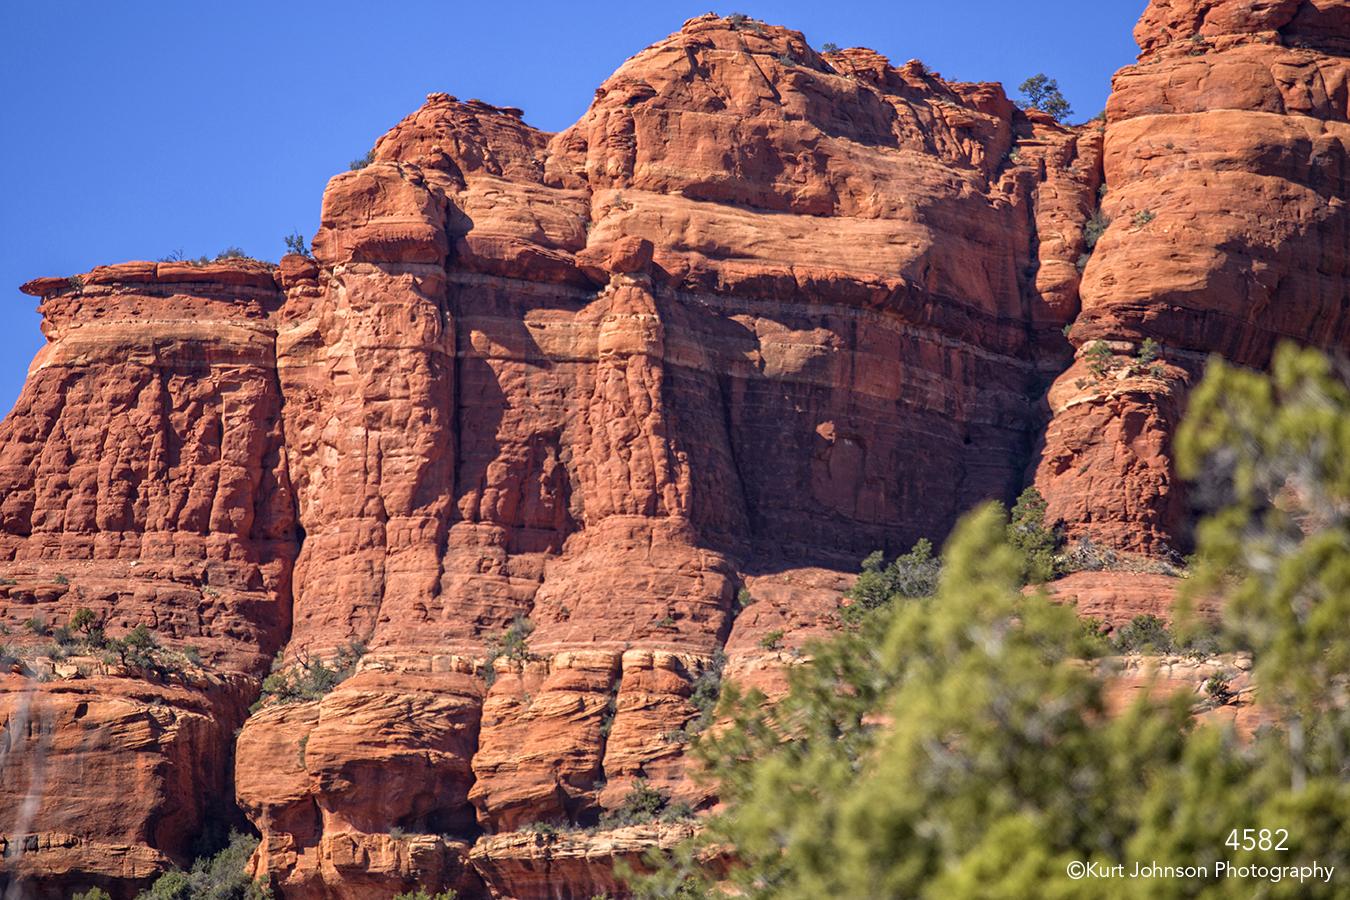 landscape rocks desert red